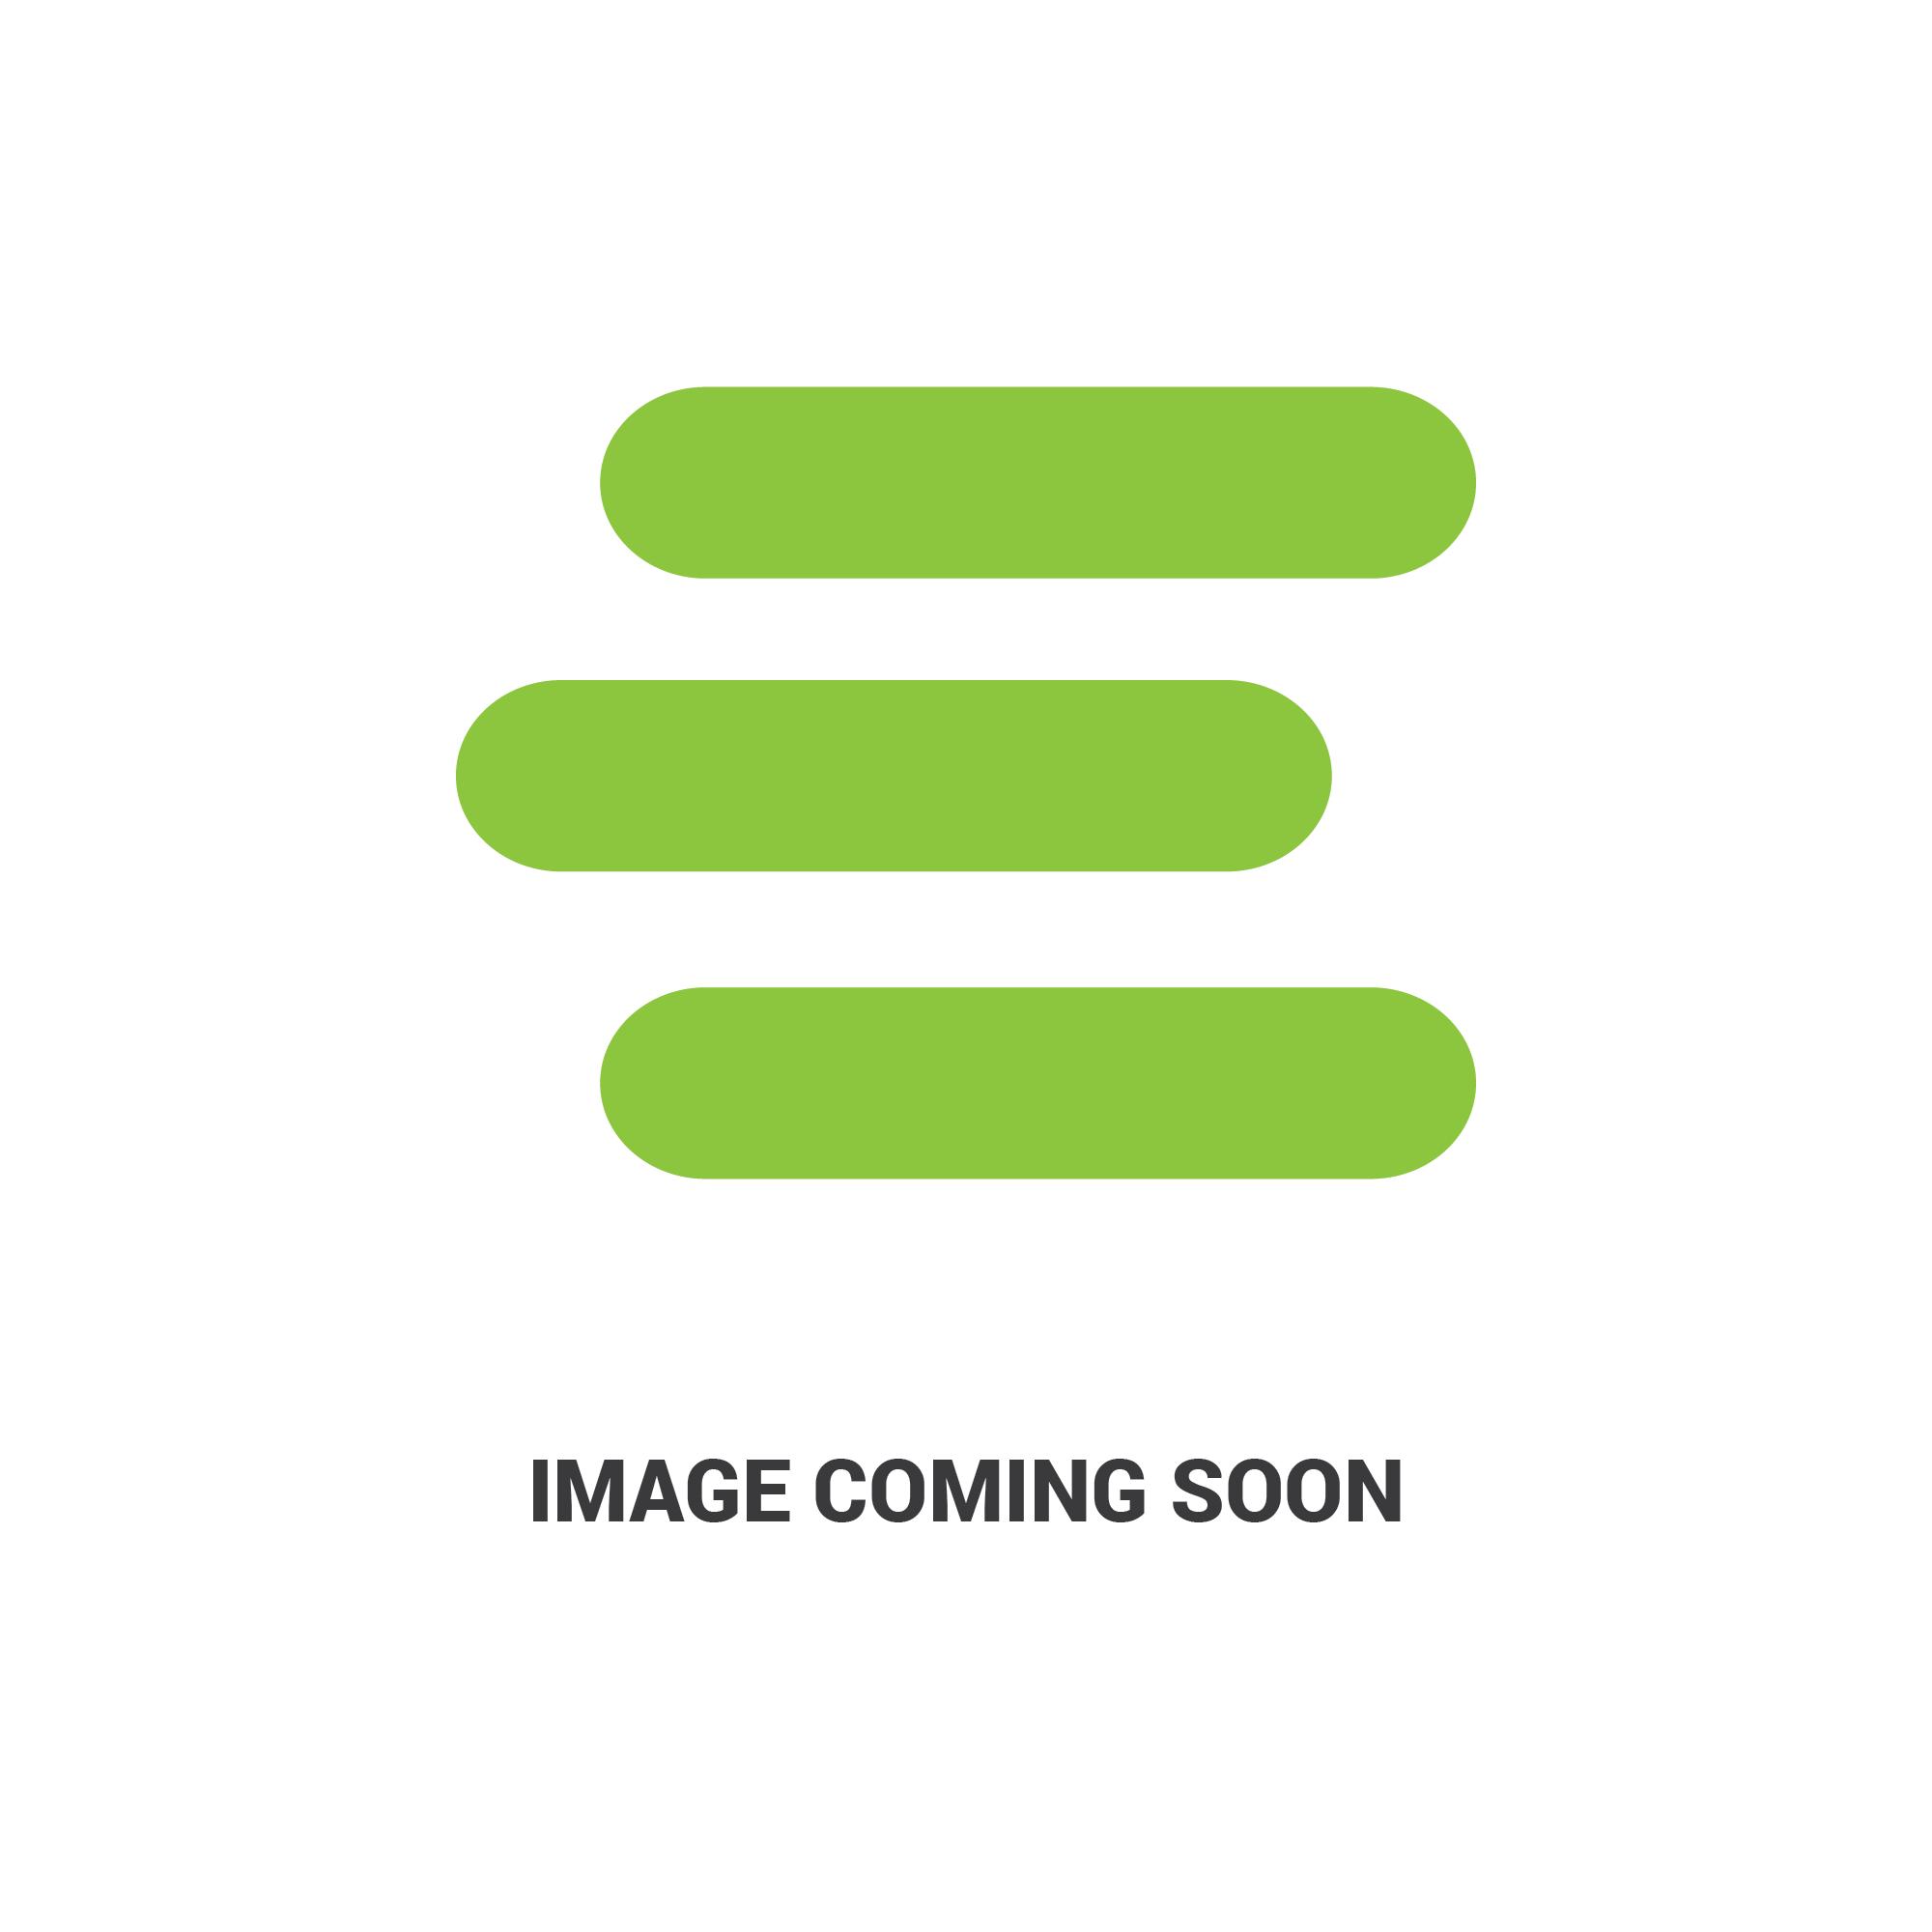 E-AL151278edit 1162.jpg